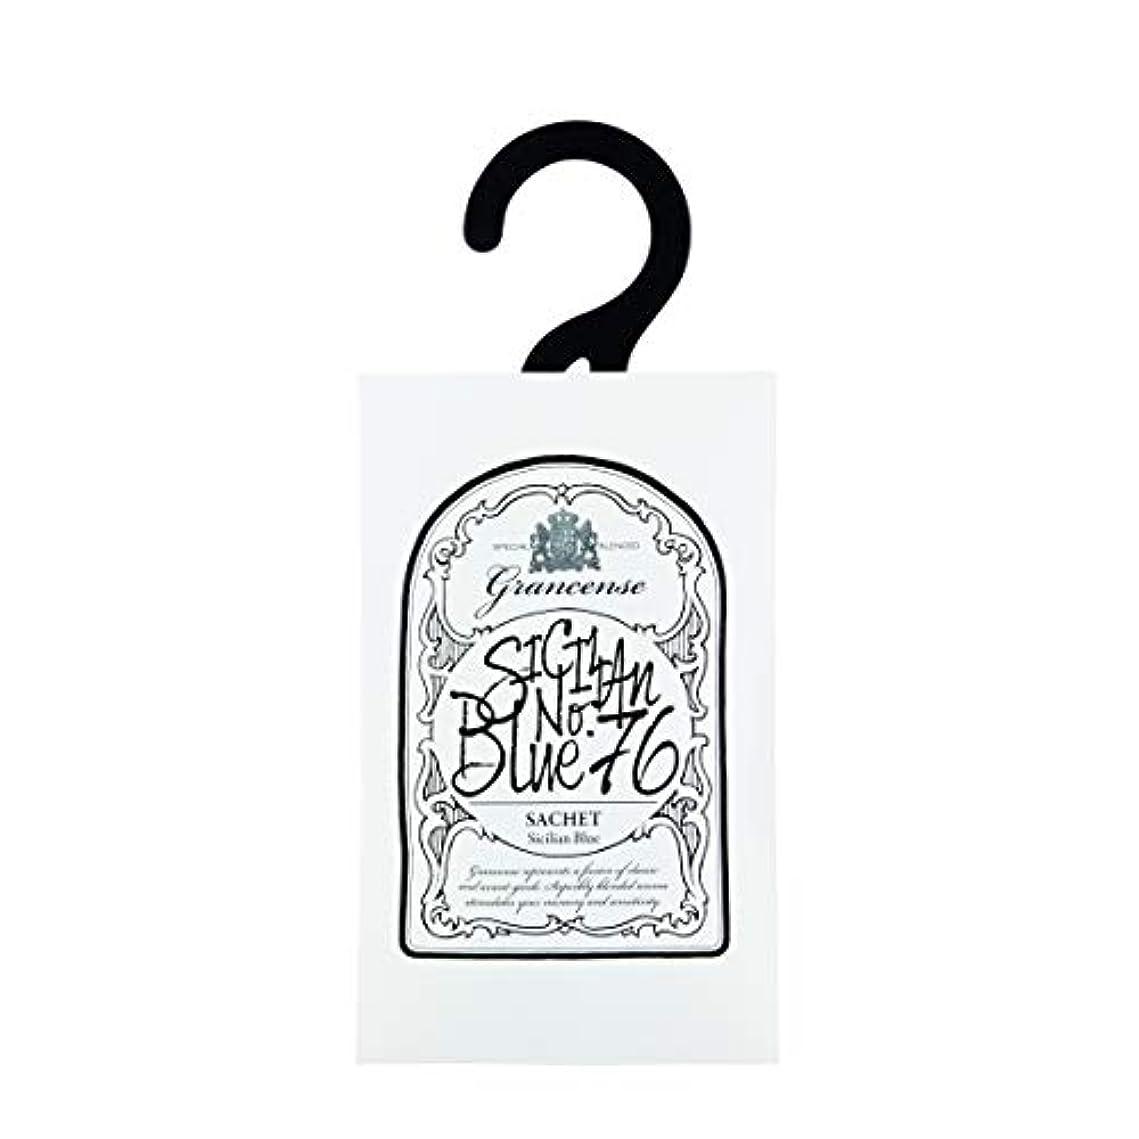 チャペル安全な吹きさらしグランセンス サシェ(約2~4週間) シチリアンブルー 12g(芳香剤 香り袋 アロマサシェ レモンやライムの爽快なシトラスノートは清涼感を感じさせる香り)